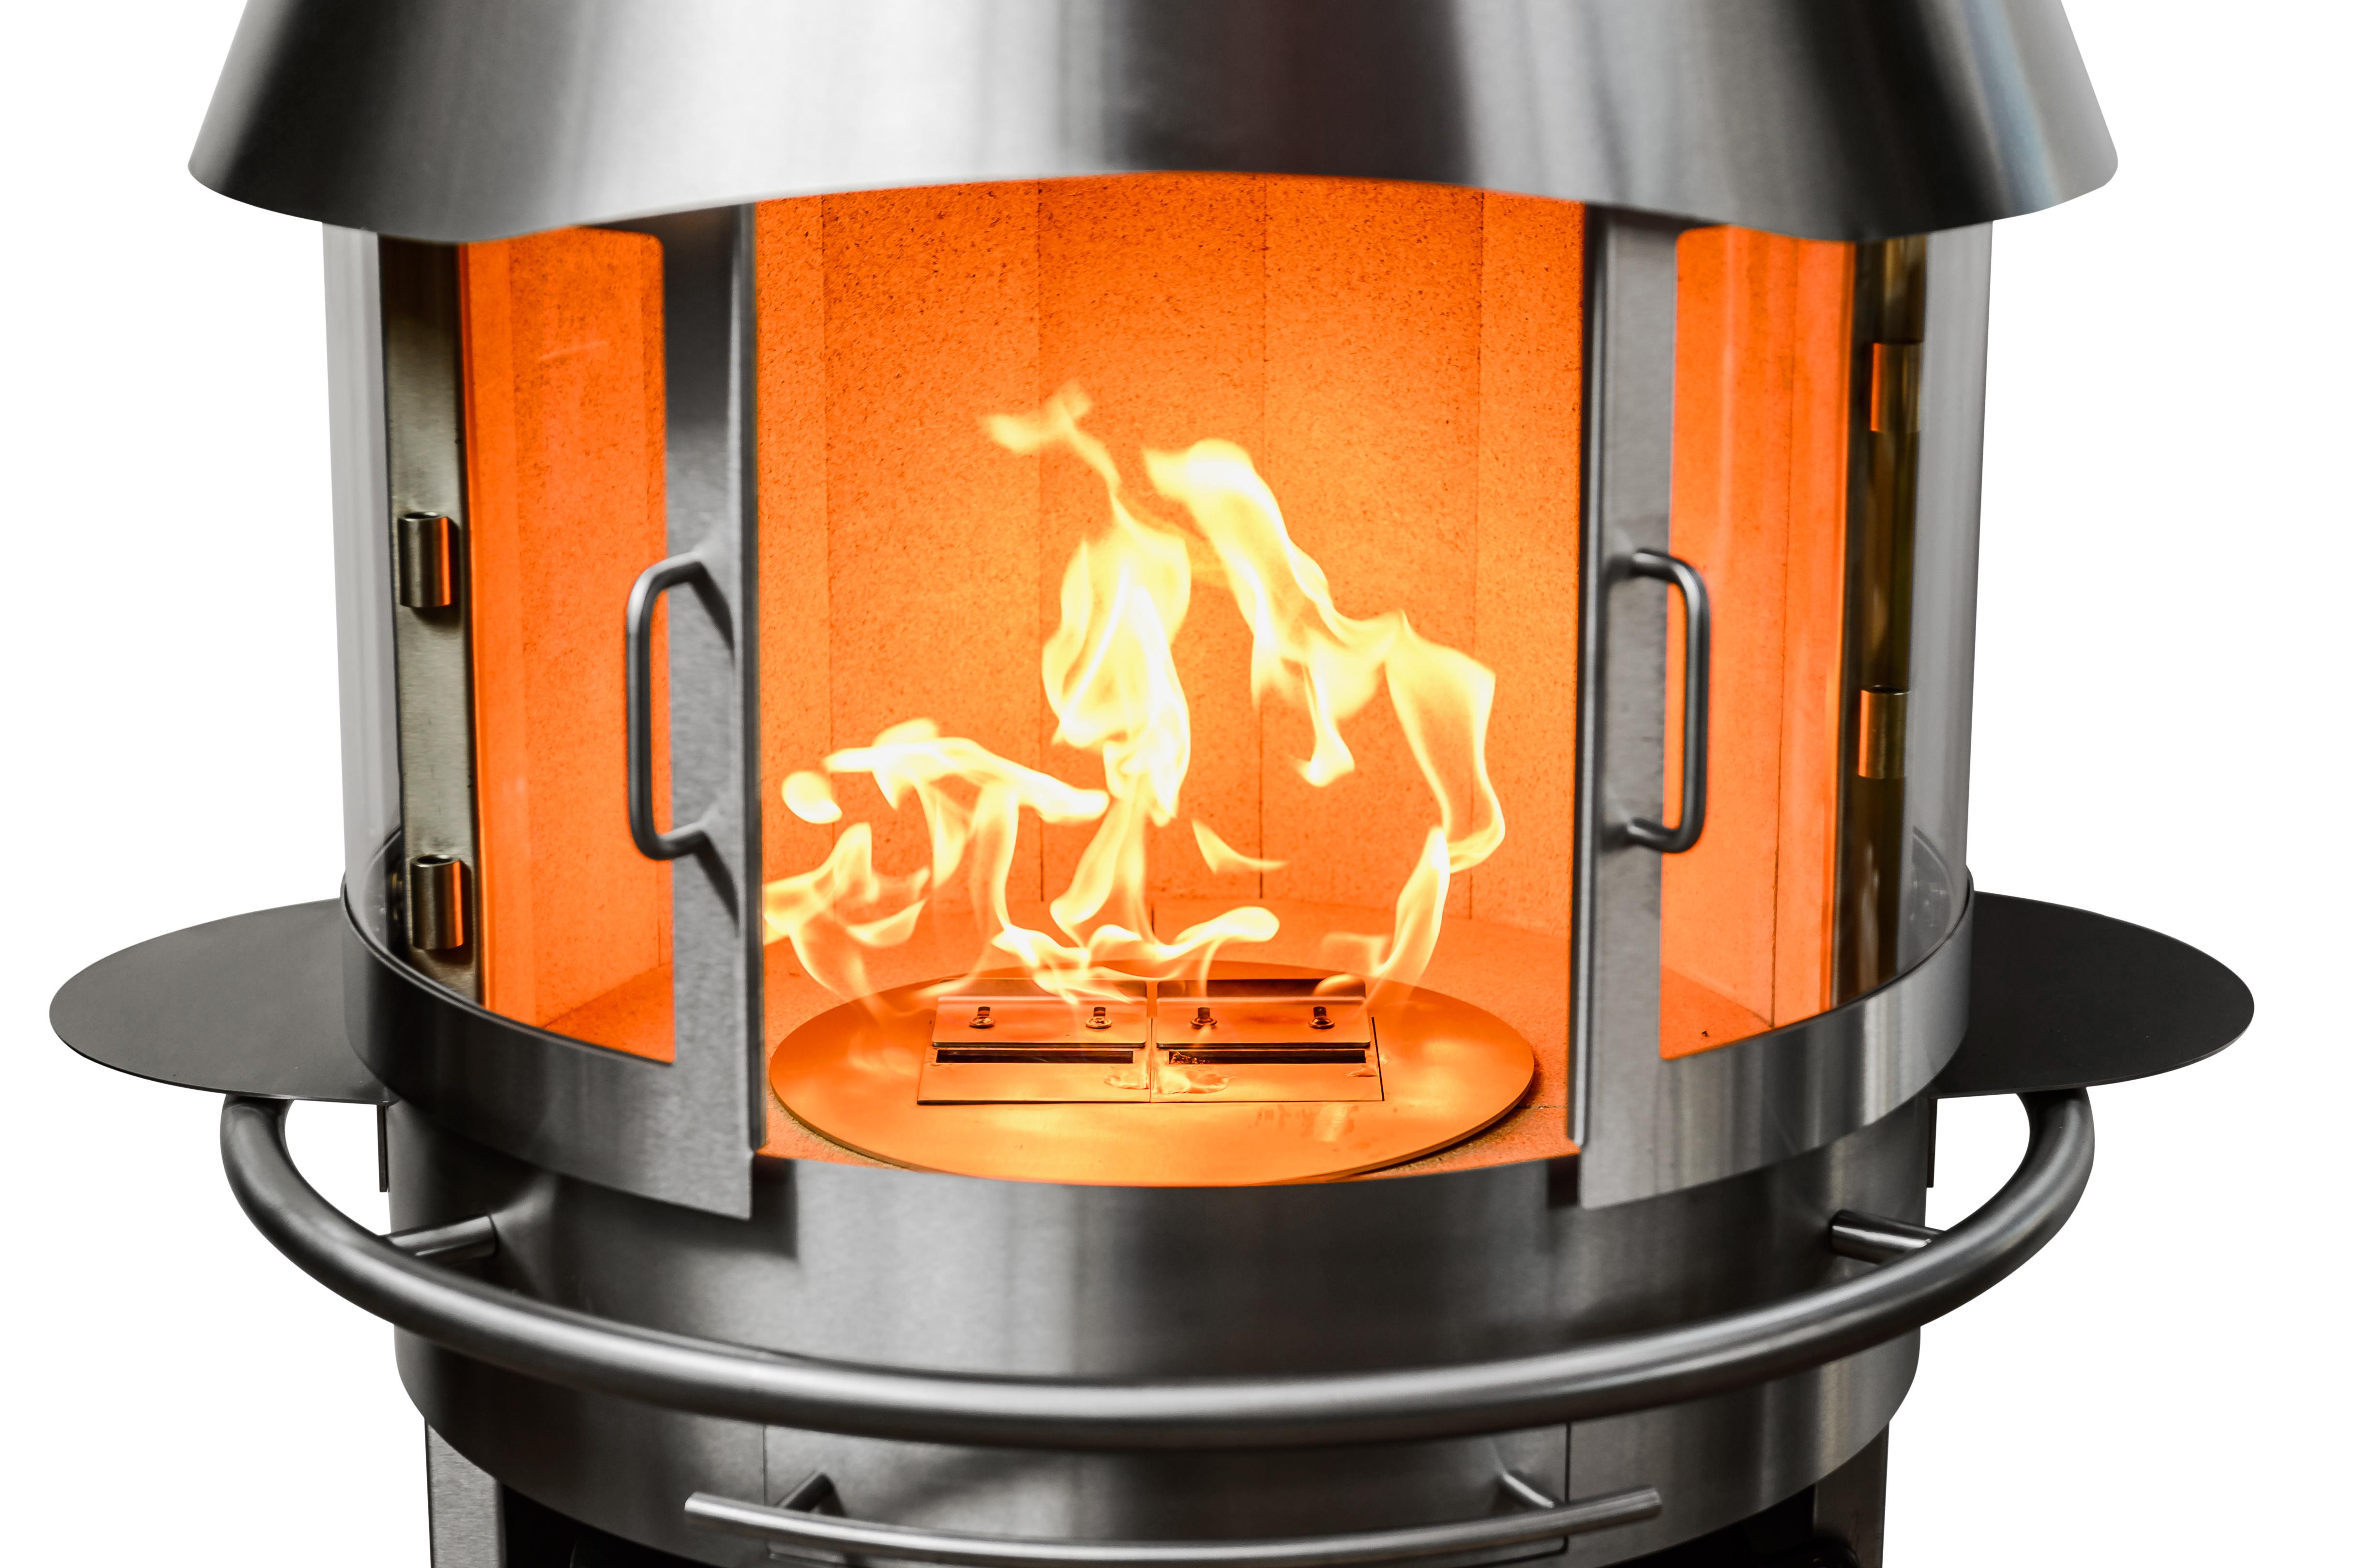 Bioethanol-Brennkammer Grillkamin Messestand Dimaro